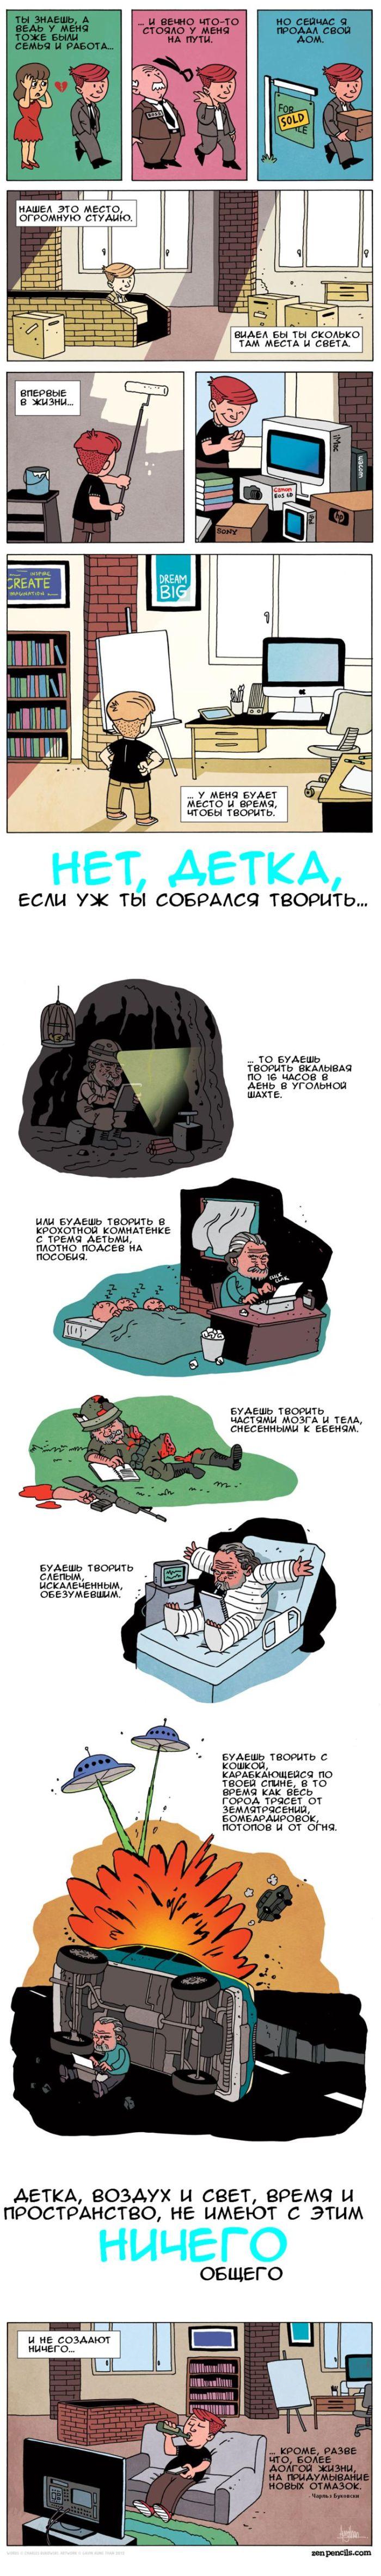 Жизненный комикс с философским смыслом (1 картинка)